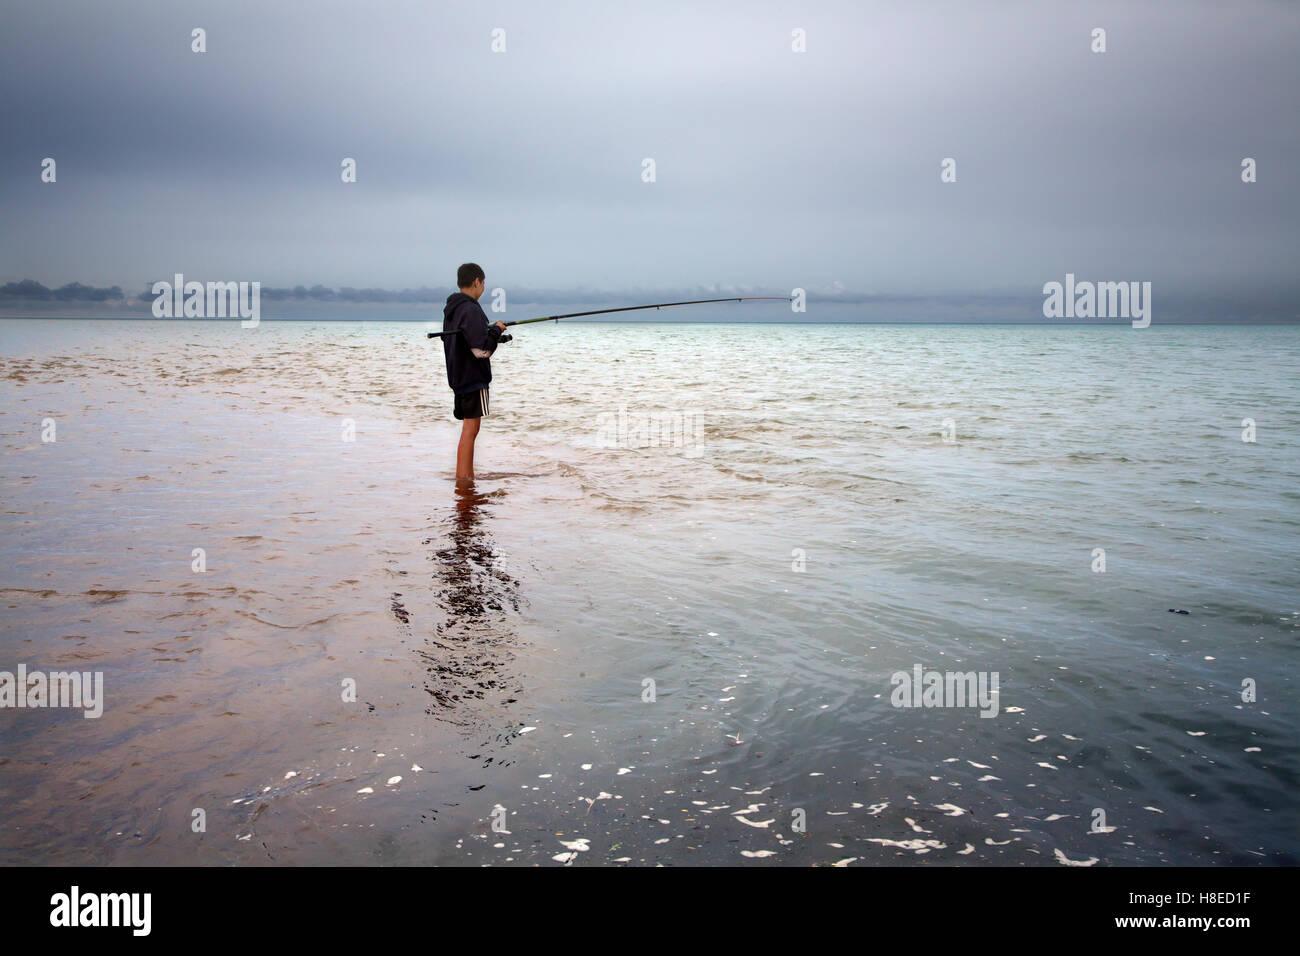 Kyrgyzstan - bambino nomade la pesca nel lago di Issyk-Kul - Persone di viaggio in Asia centrale Immagini Stock